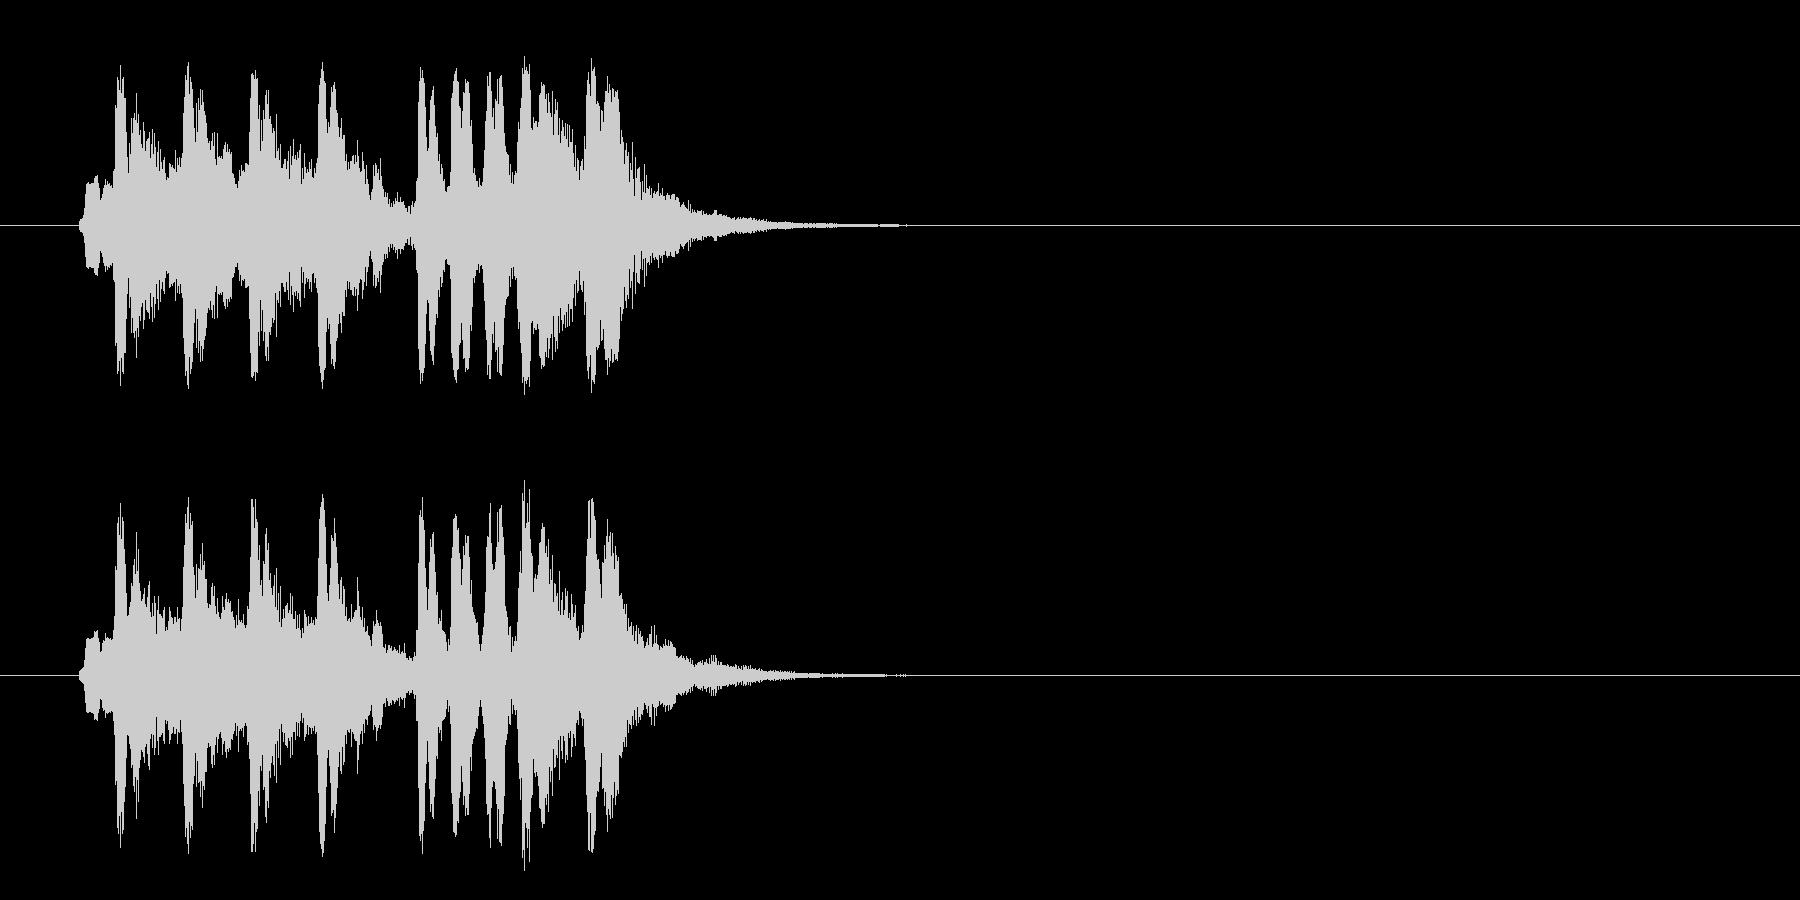 ジングル/かわいいセミクラ(コミカル)の未再生の波形